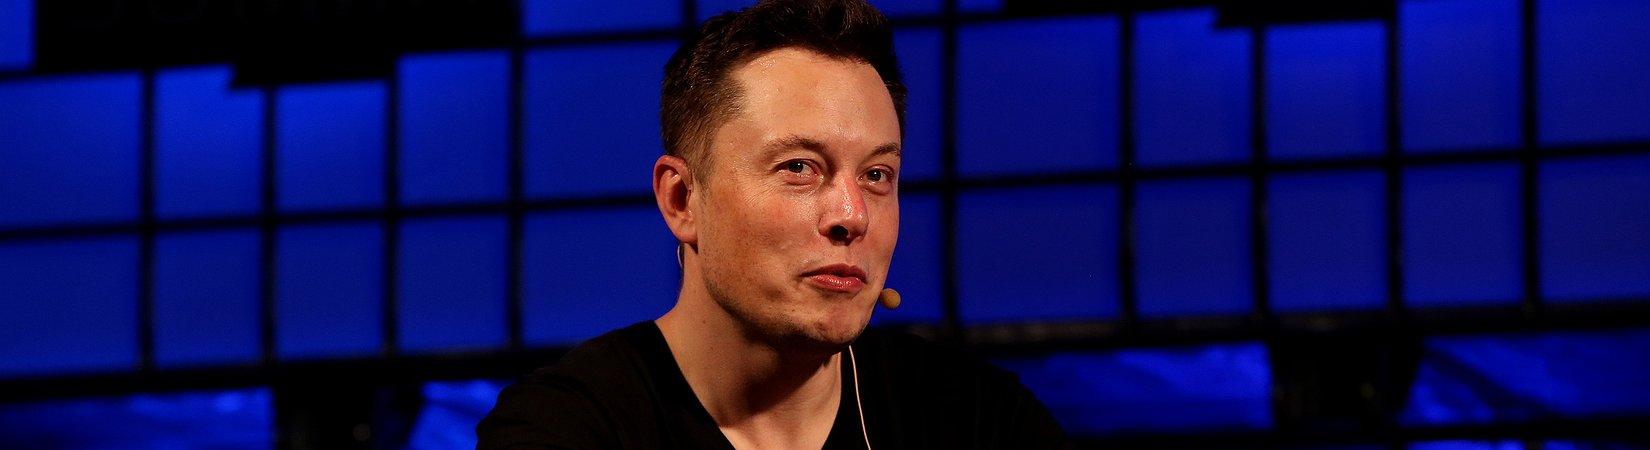 10 Factos surpreendentes sobre Elon Musk